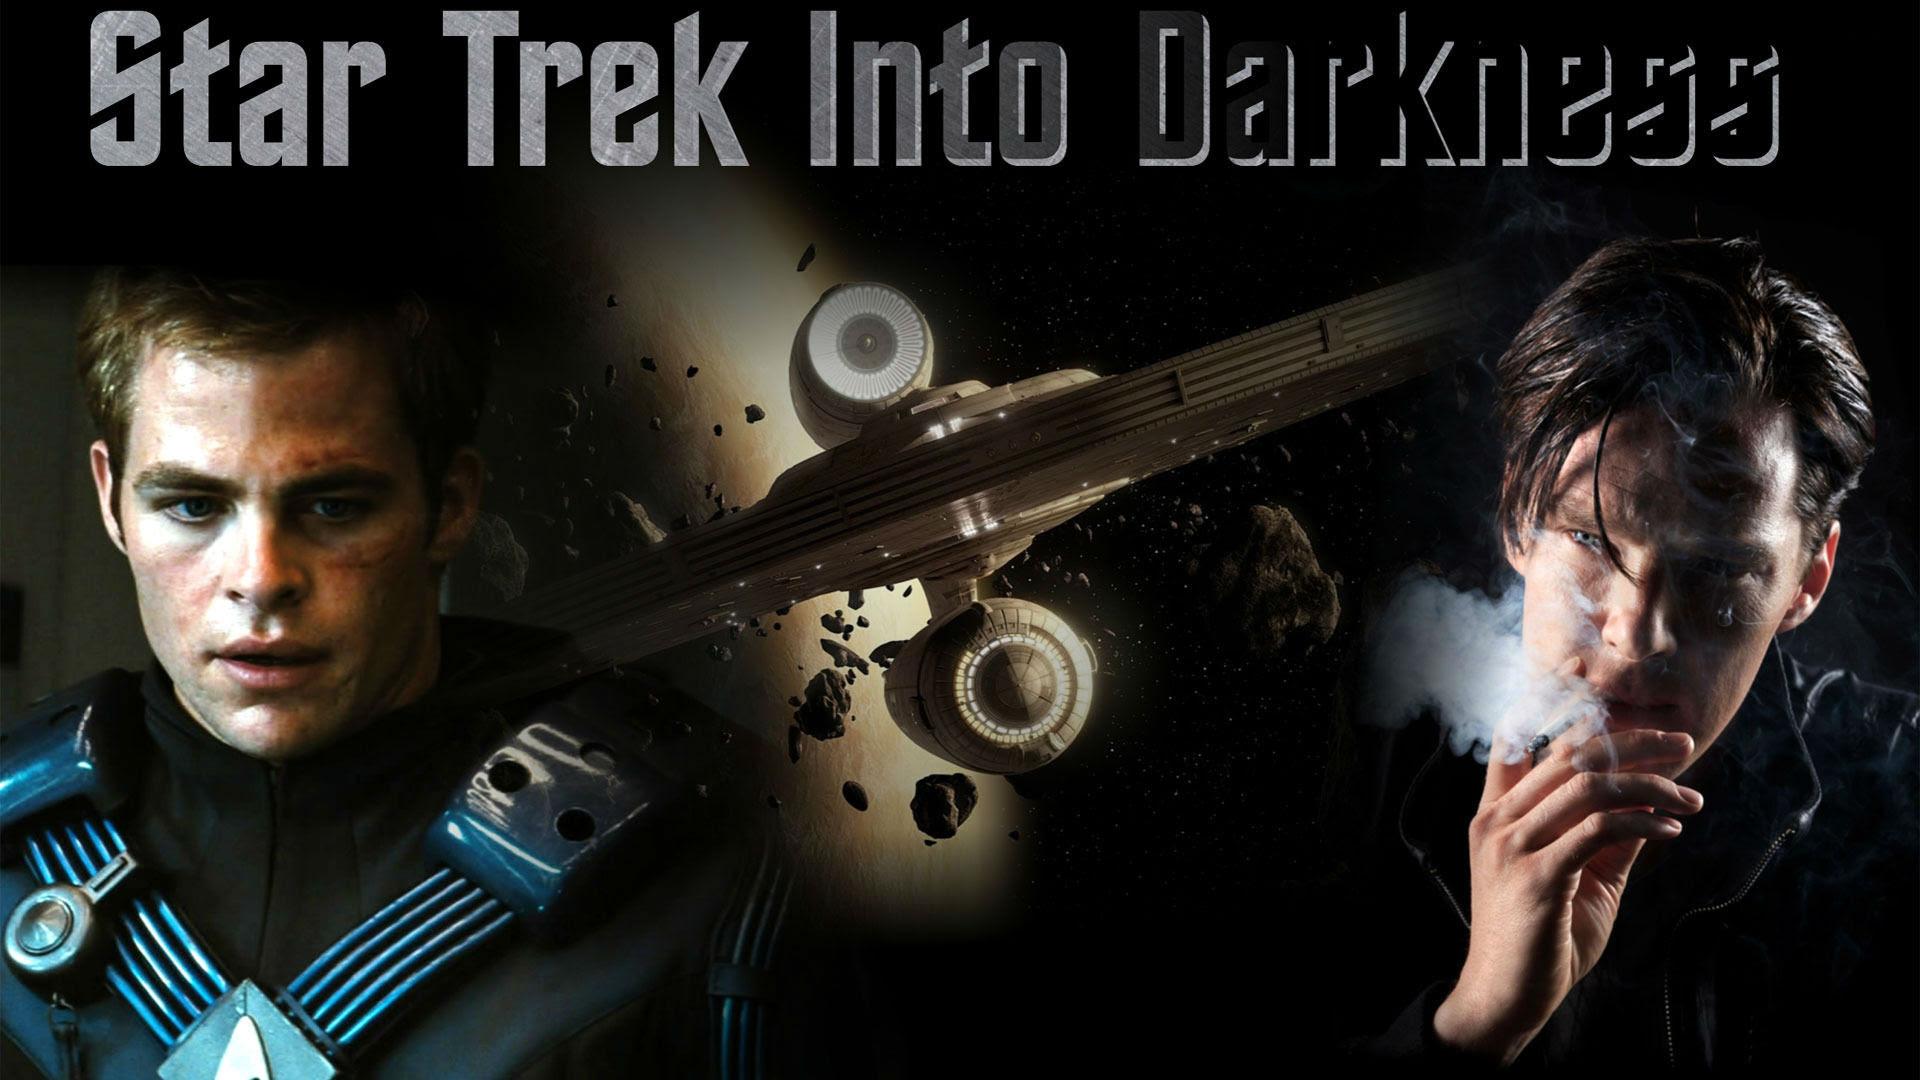 Star Trek Into Darkness Wallpaper 11